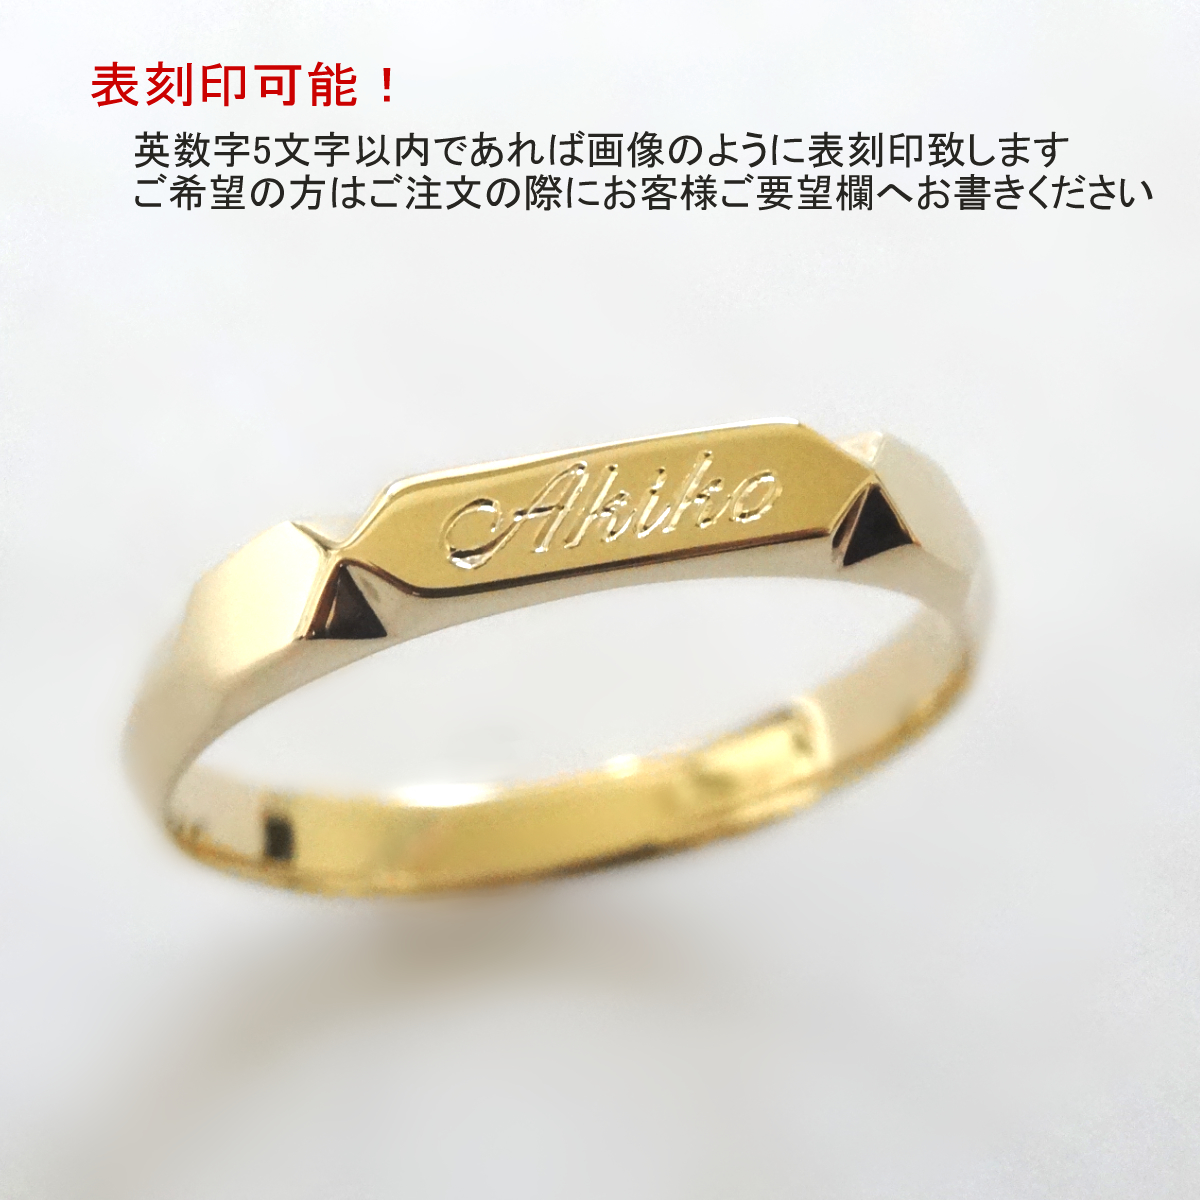 K18 18金 リング 指輪 印台 風 刻印可 レディース メンズ シンプル